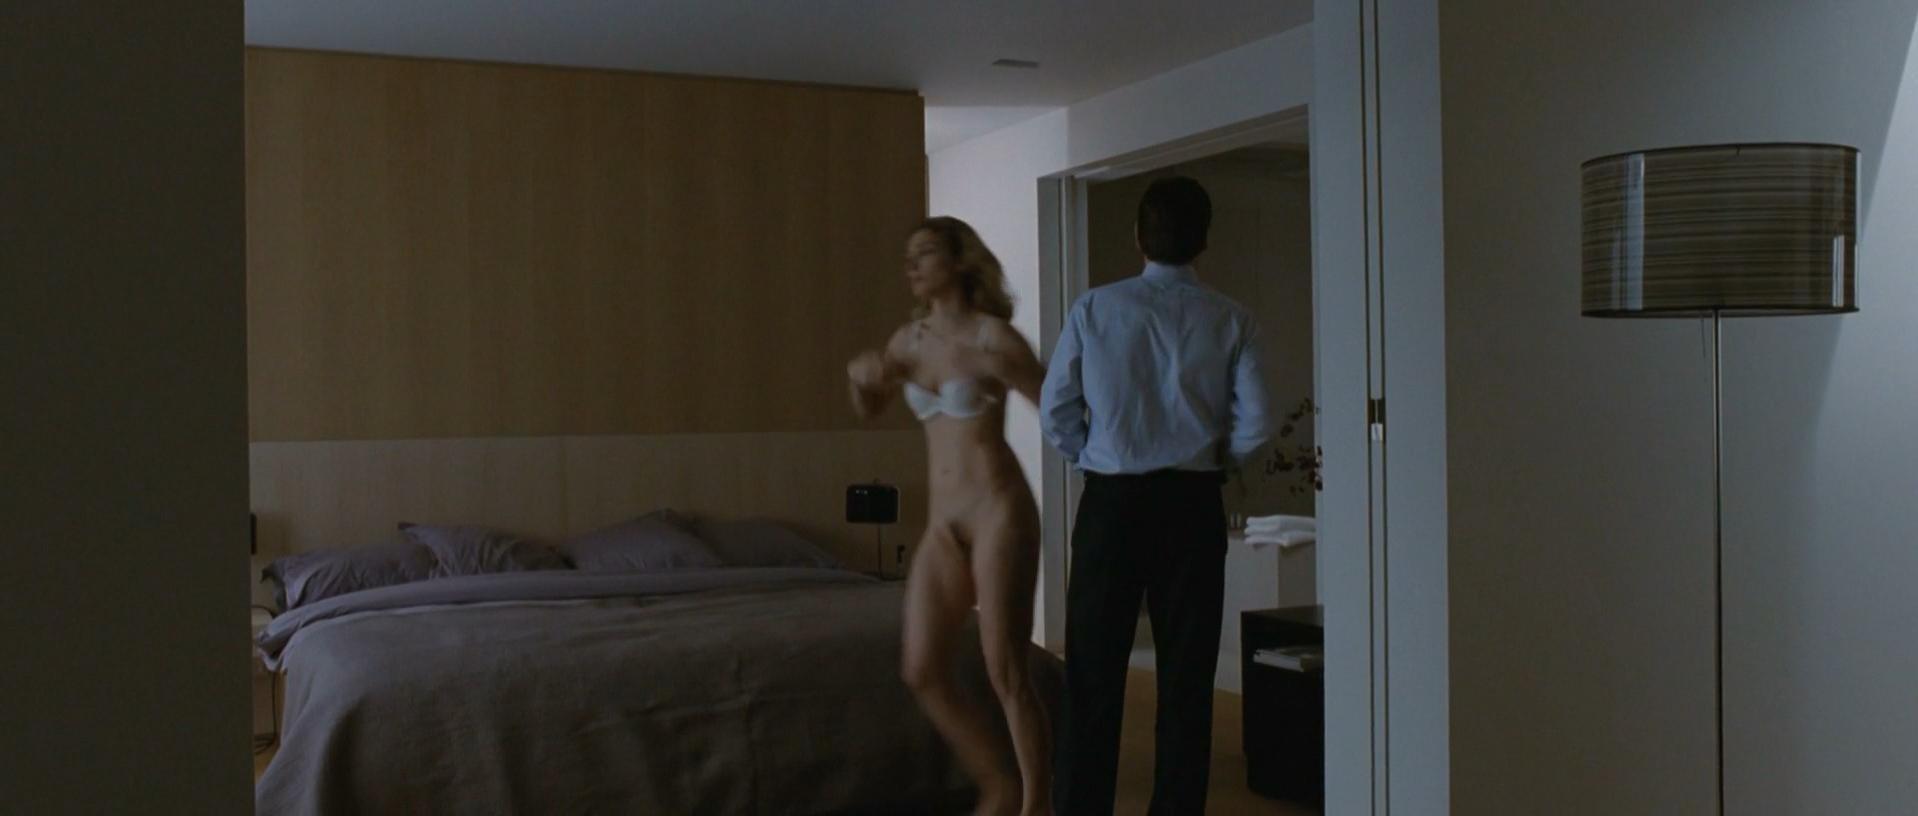 Julie gayet nude sans laisser de traces 2010 - 3 part 5